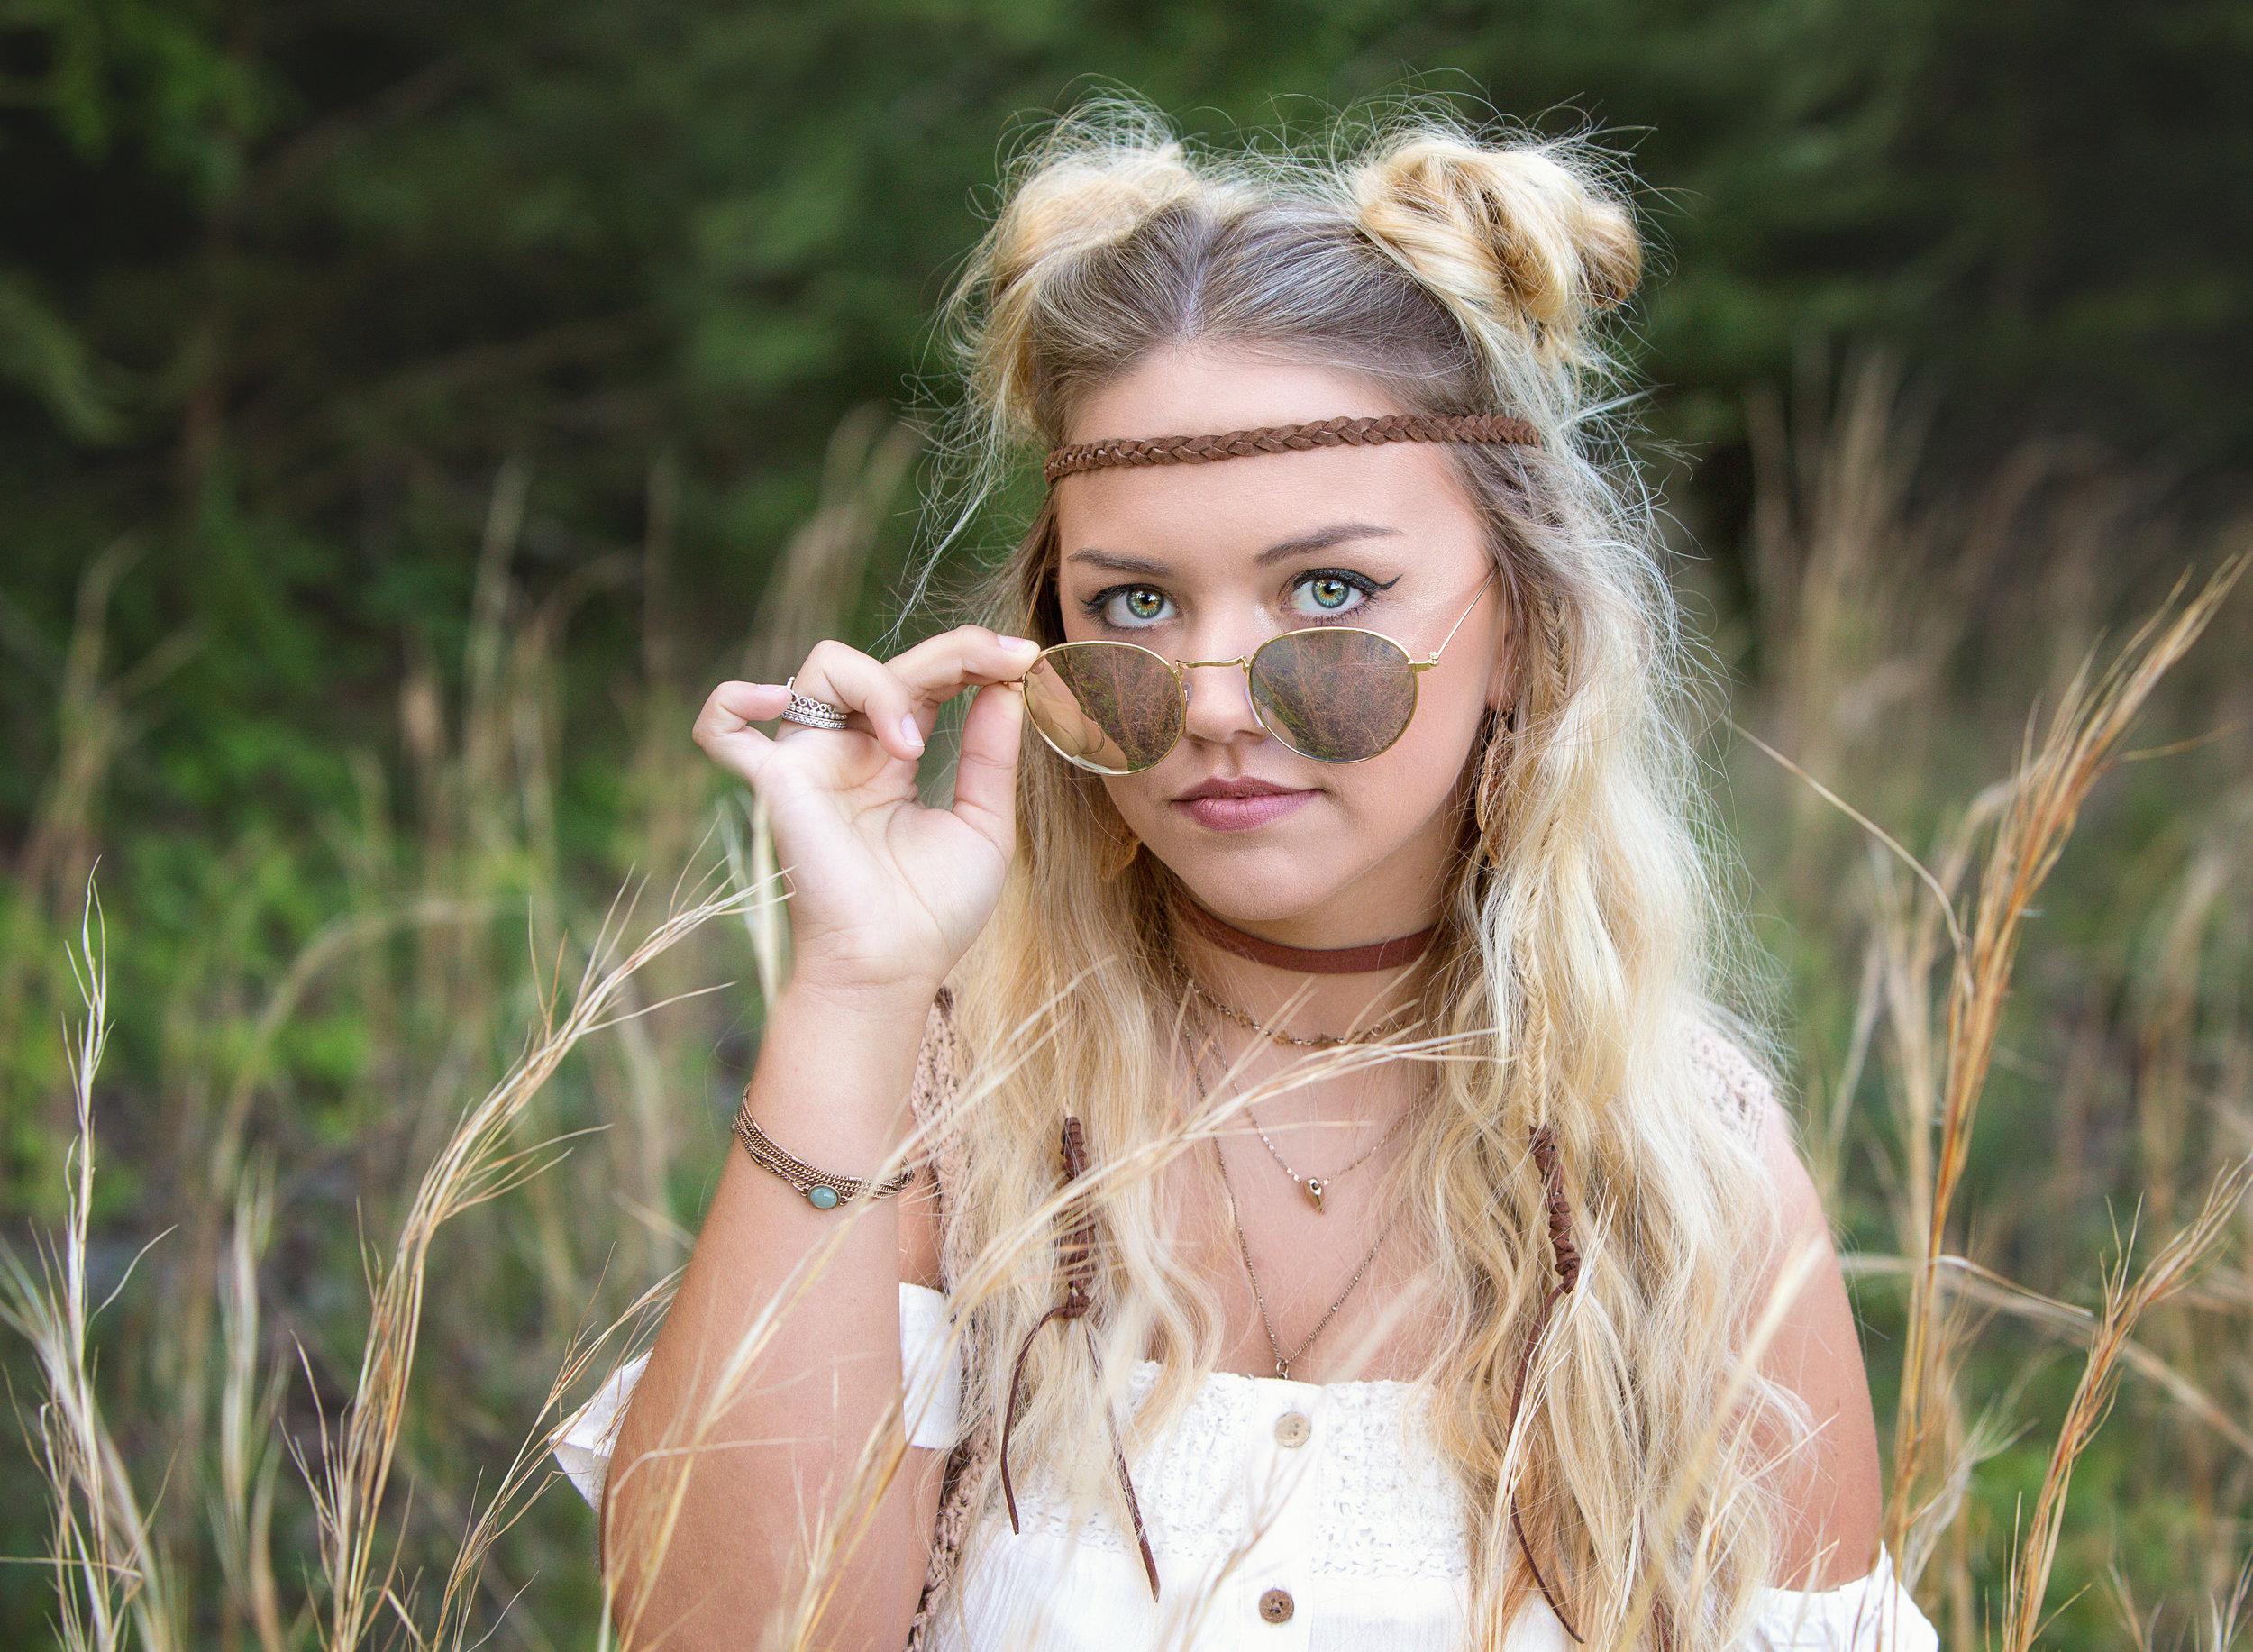 Haley Kumpfmuller 036-L.jpg